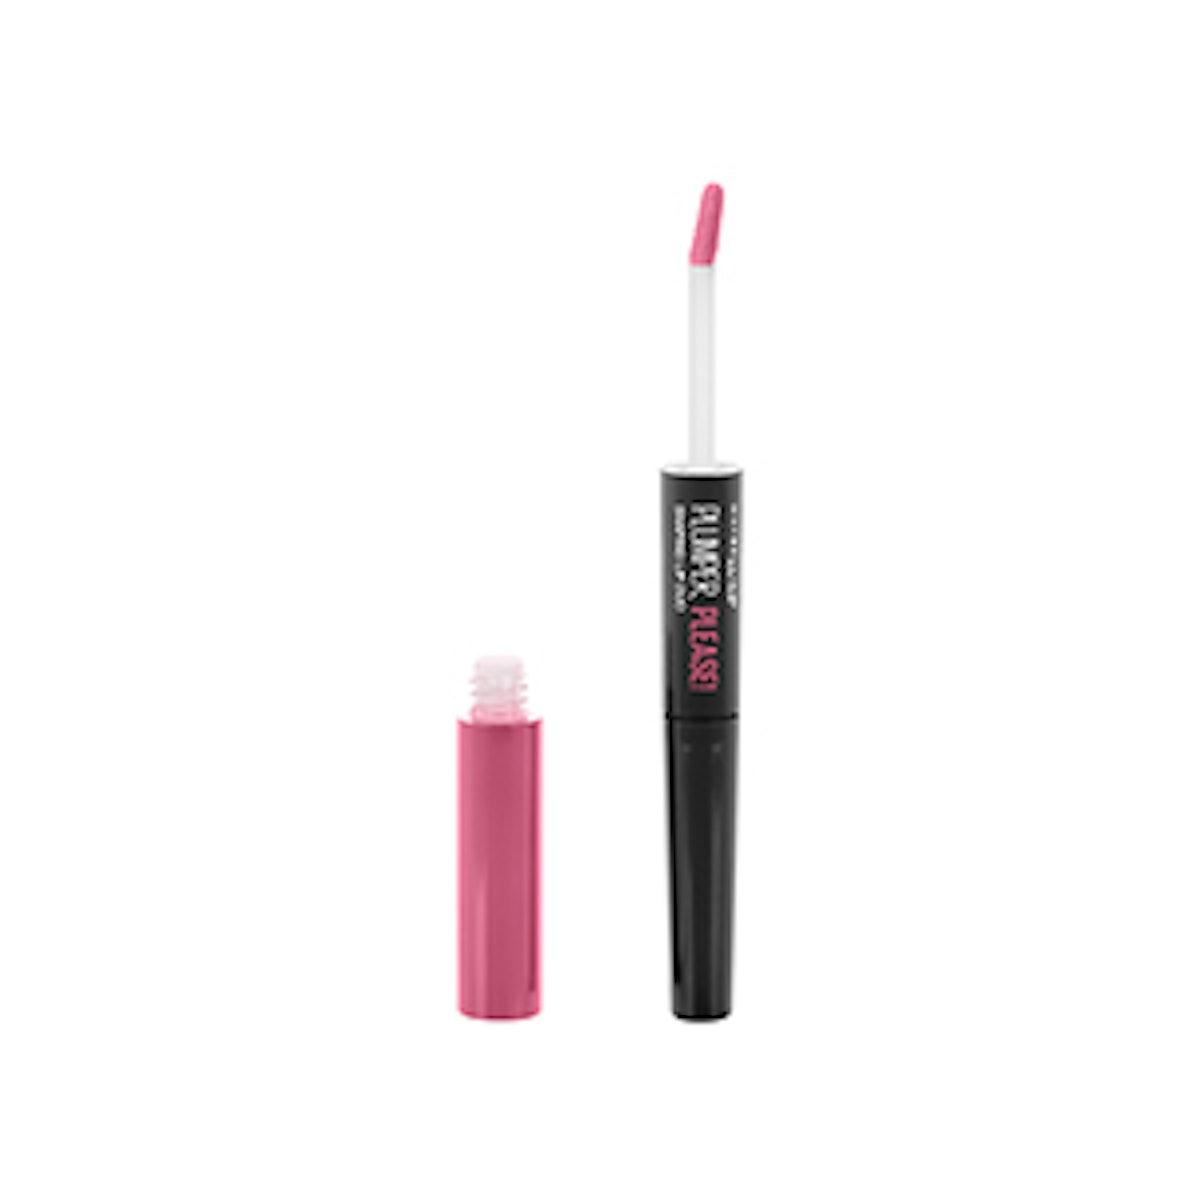 Maybelline Lip Studio Plumper, Please! Lipstick